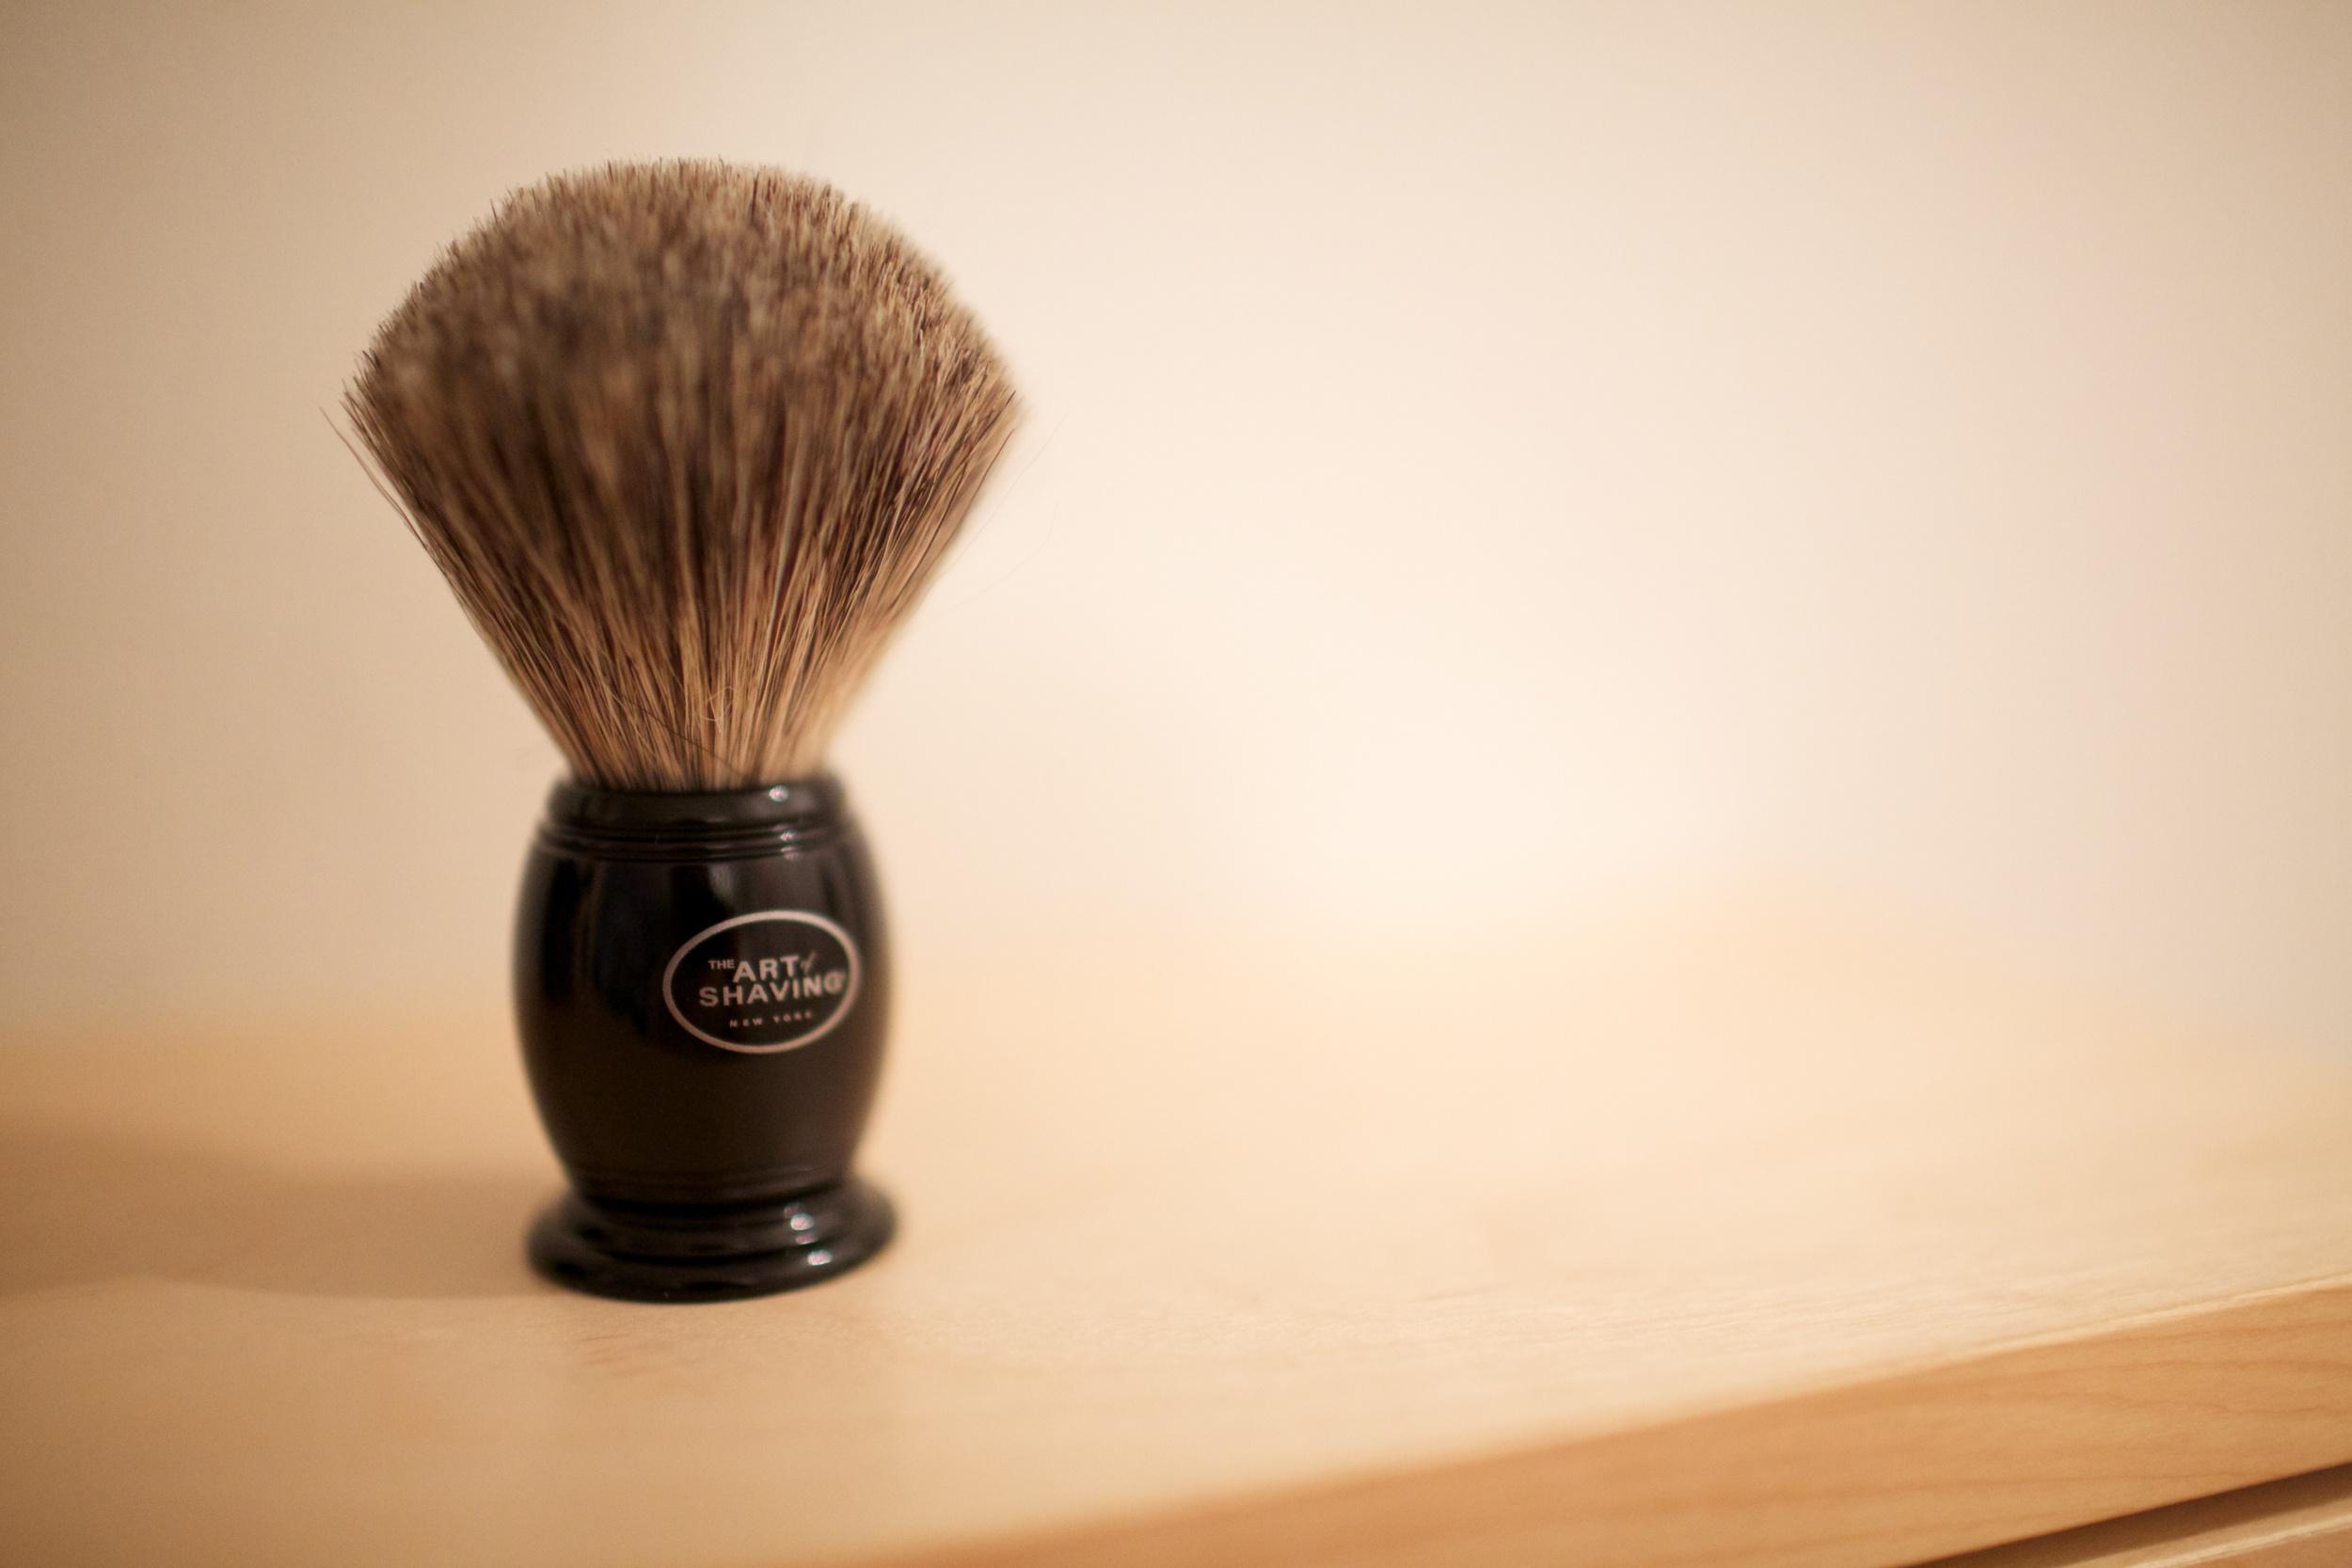 art_of_shaving_brush.jpg